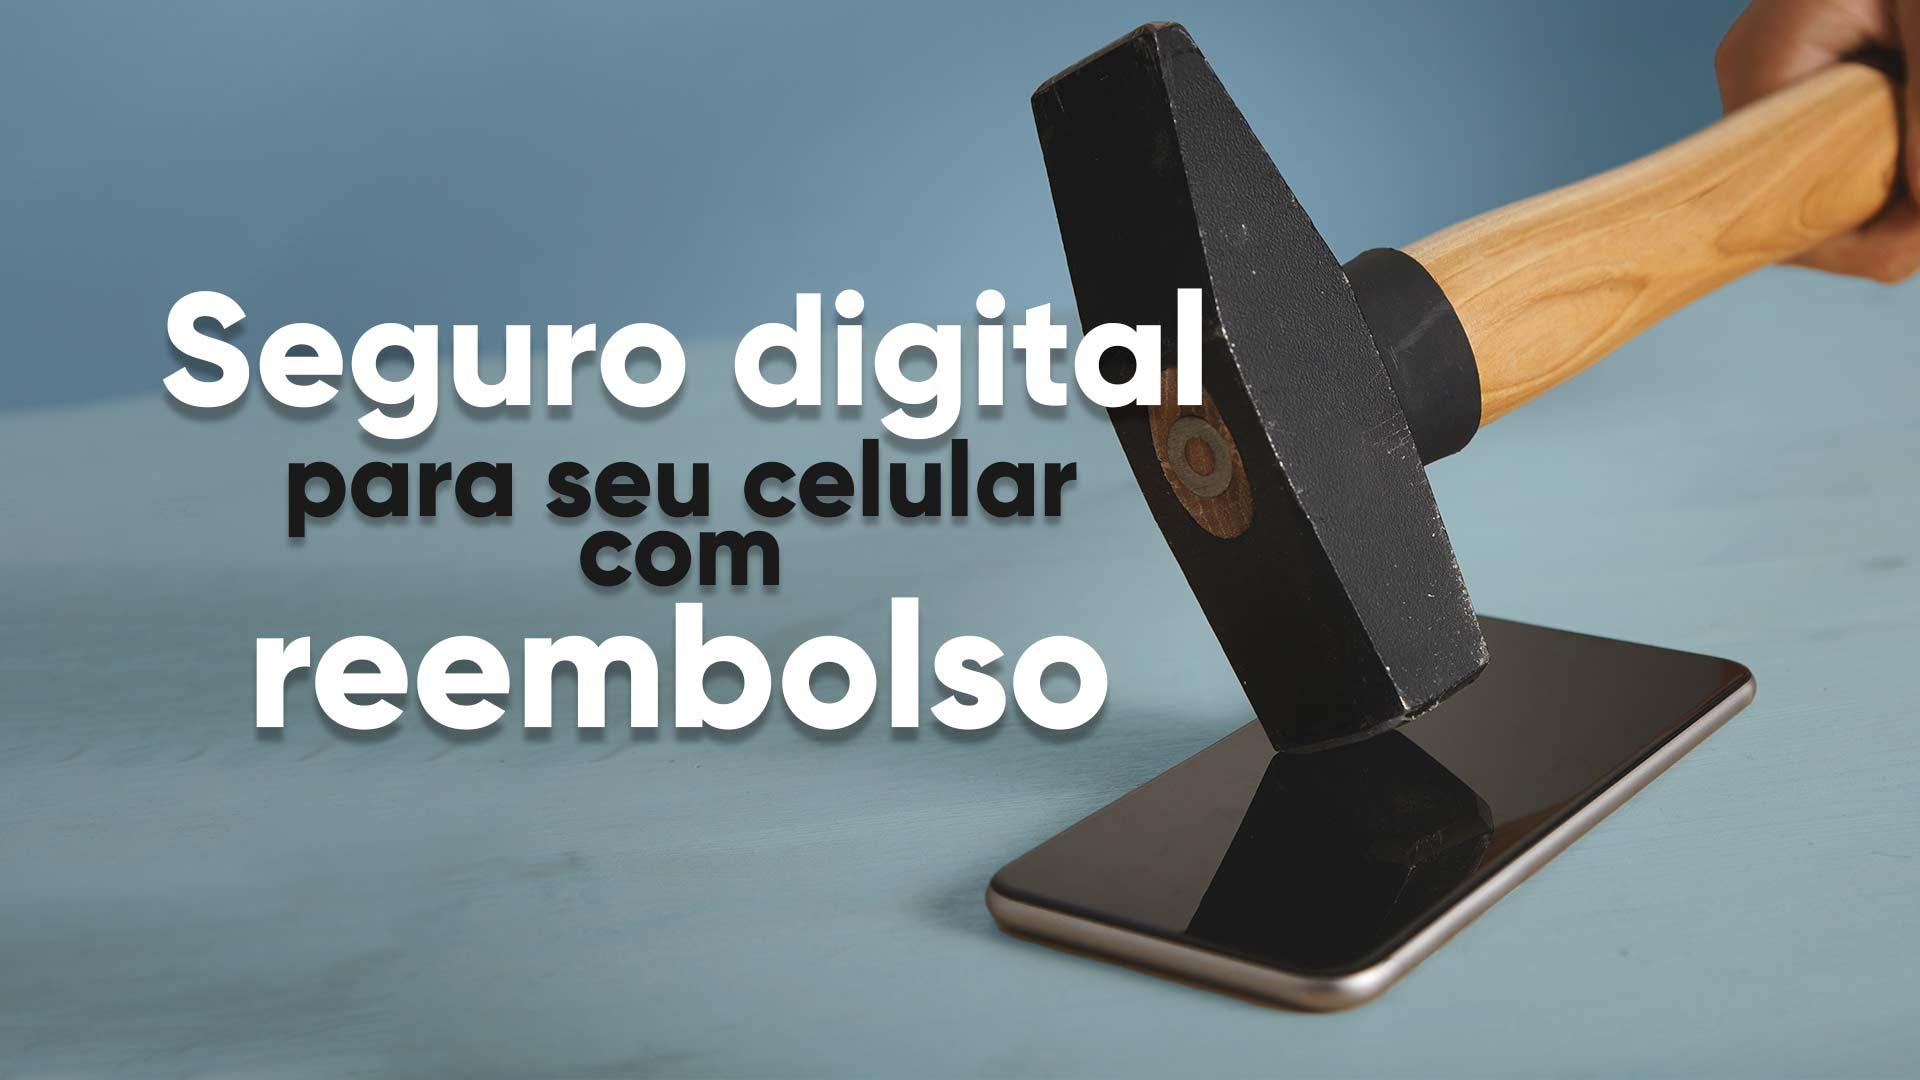 seguro de celular Pier Digital